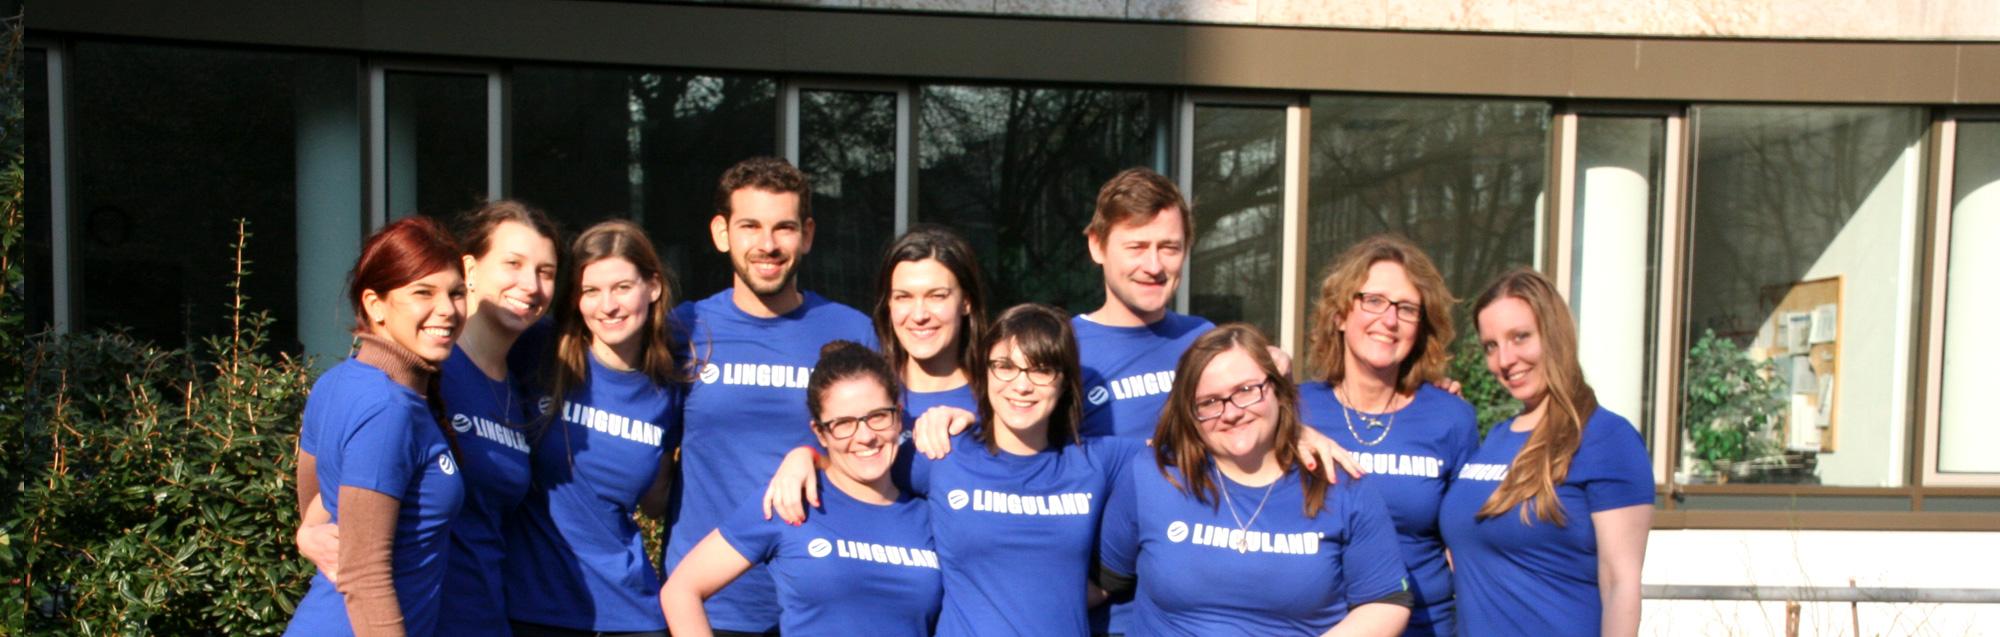 Das Team von Linguland - und wo wir schon waren